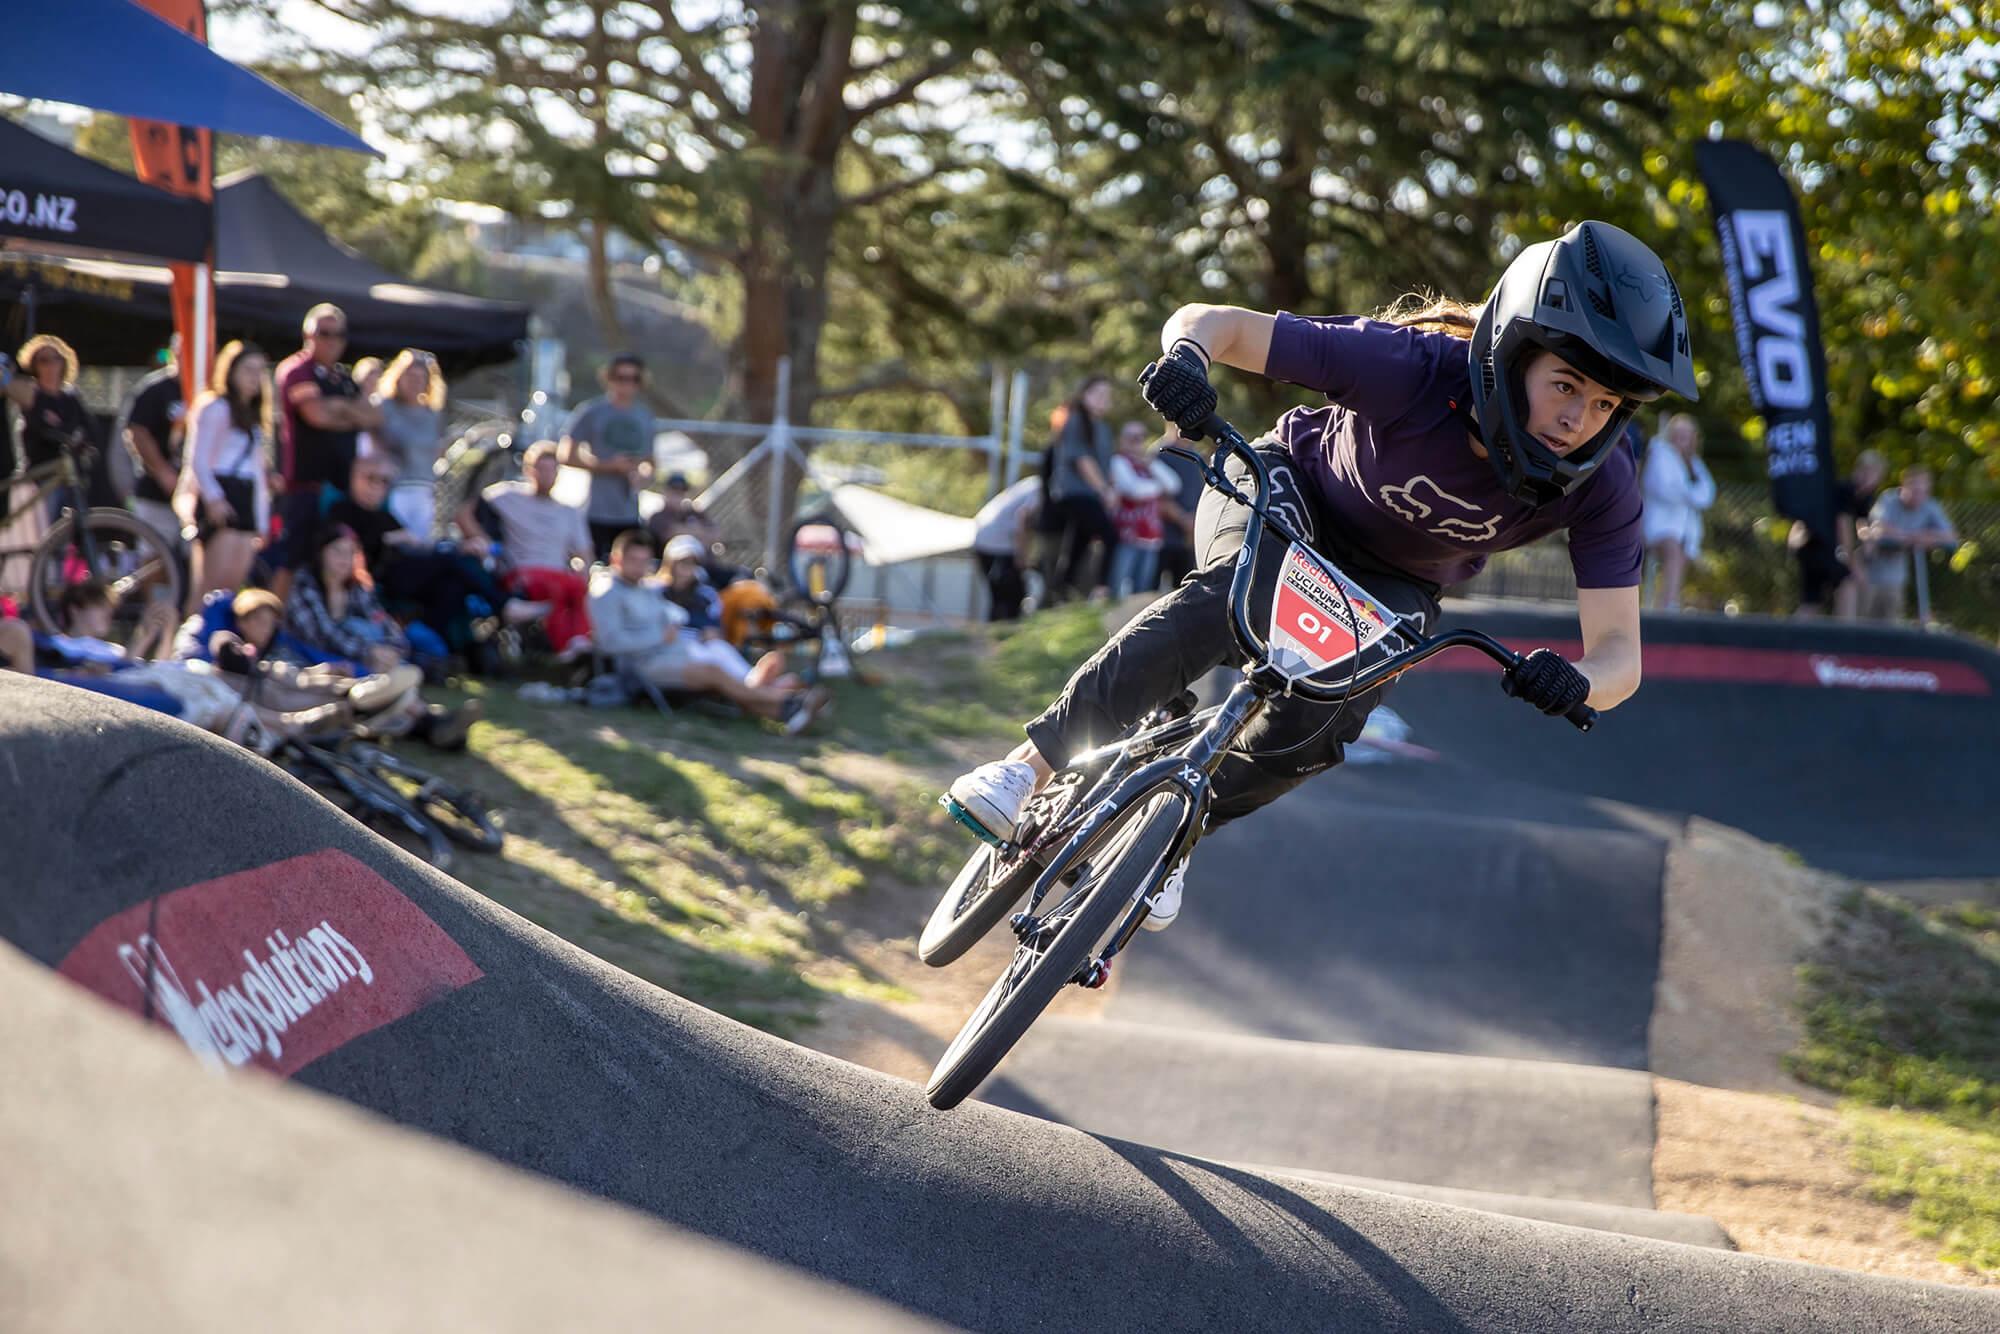 Red Bull Pump Track Cambridge NZ 2021 - Graeme Murray - Rebecca Petch